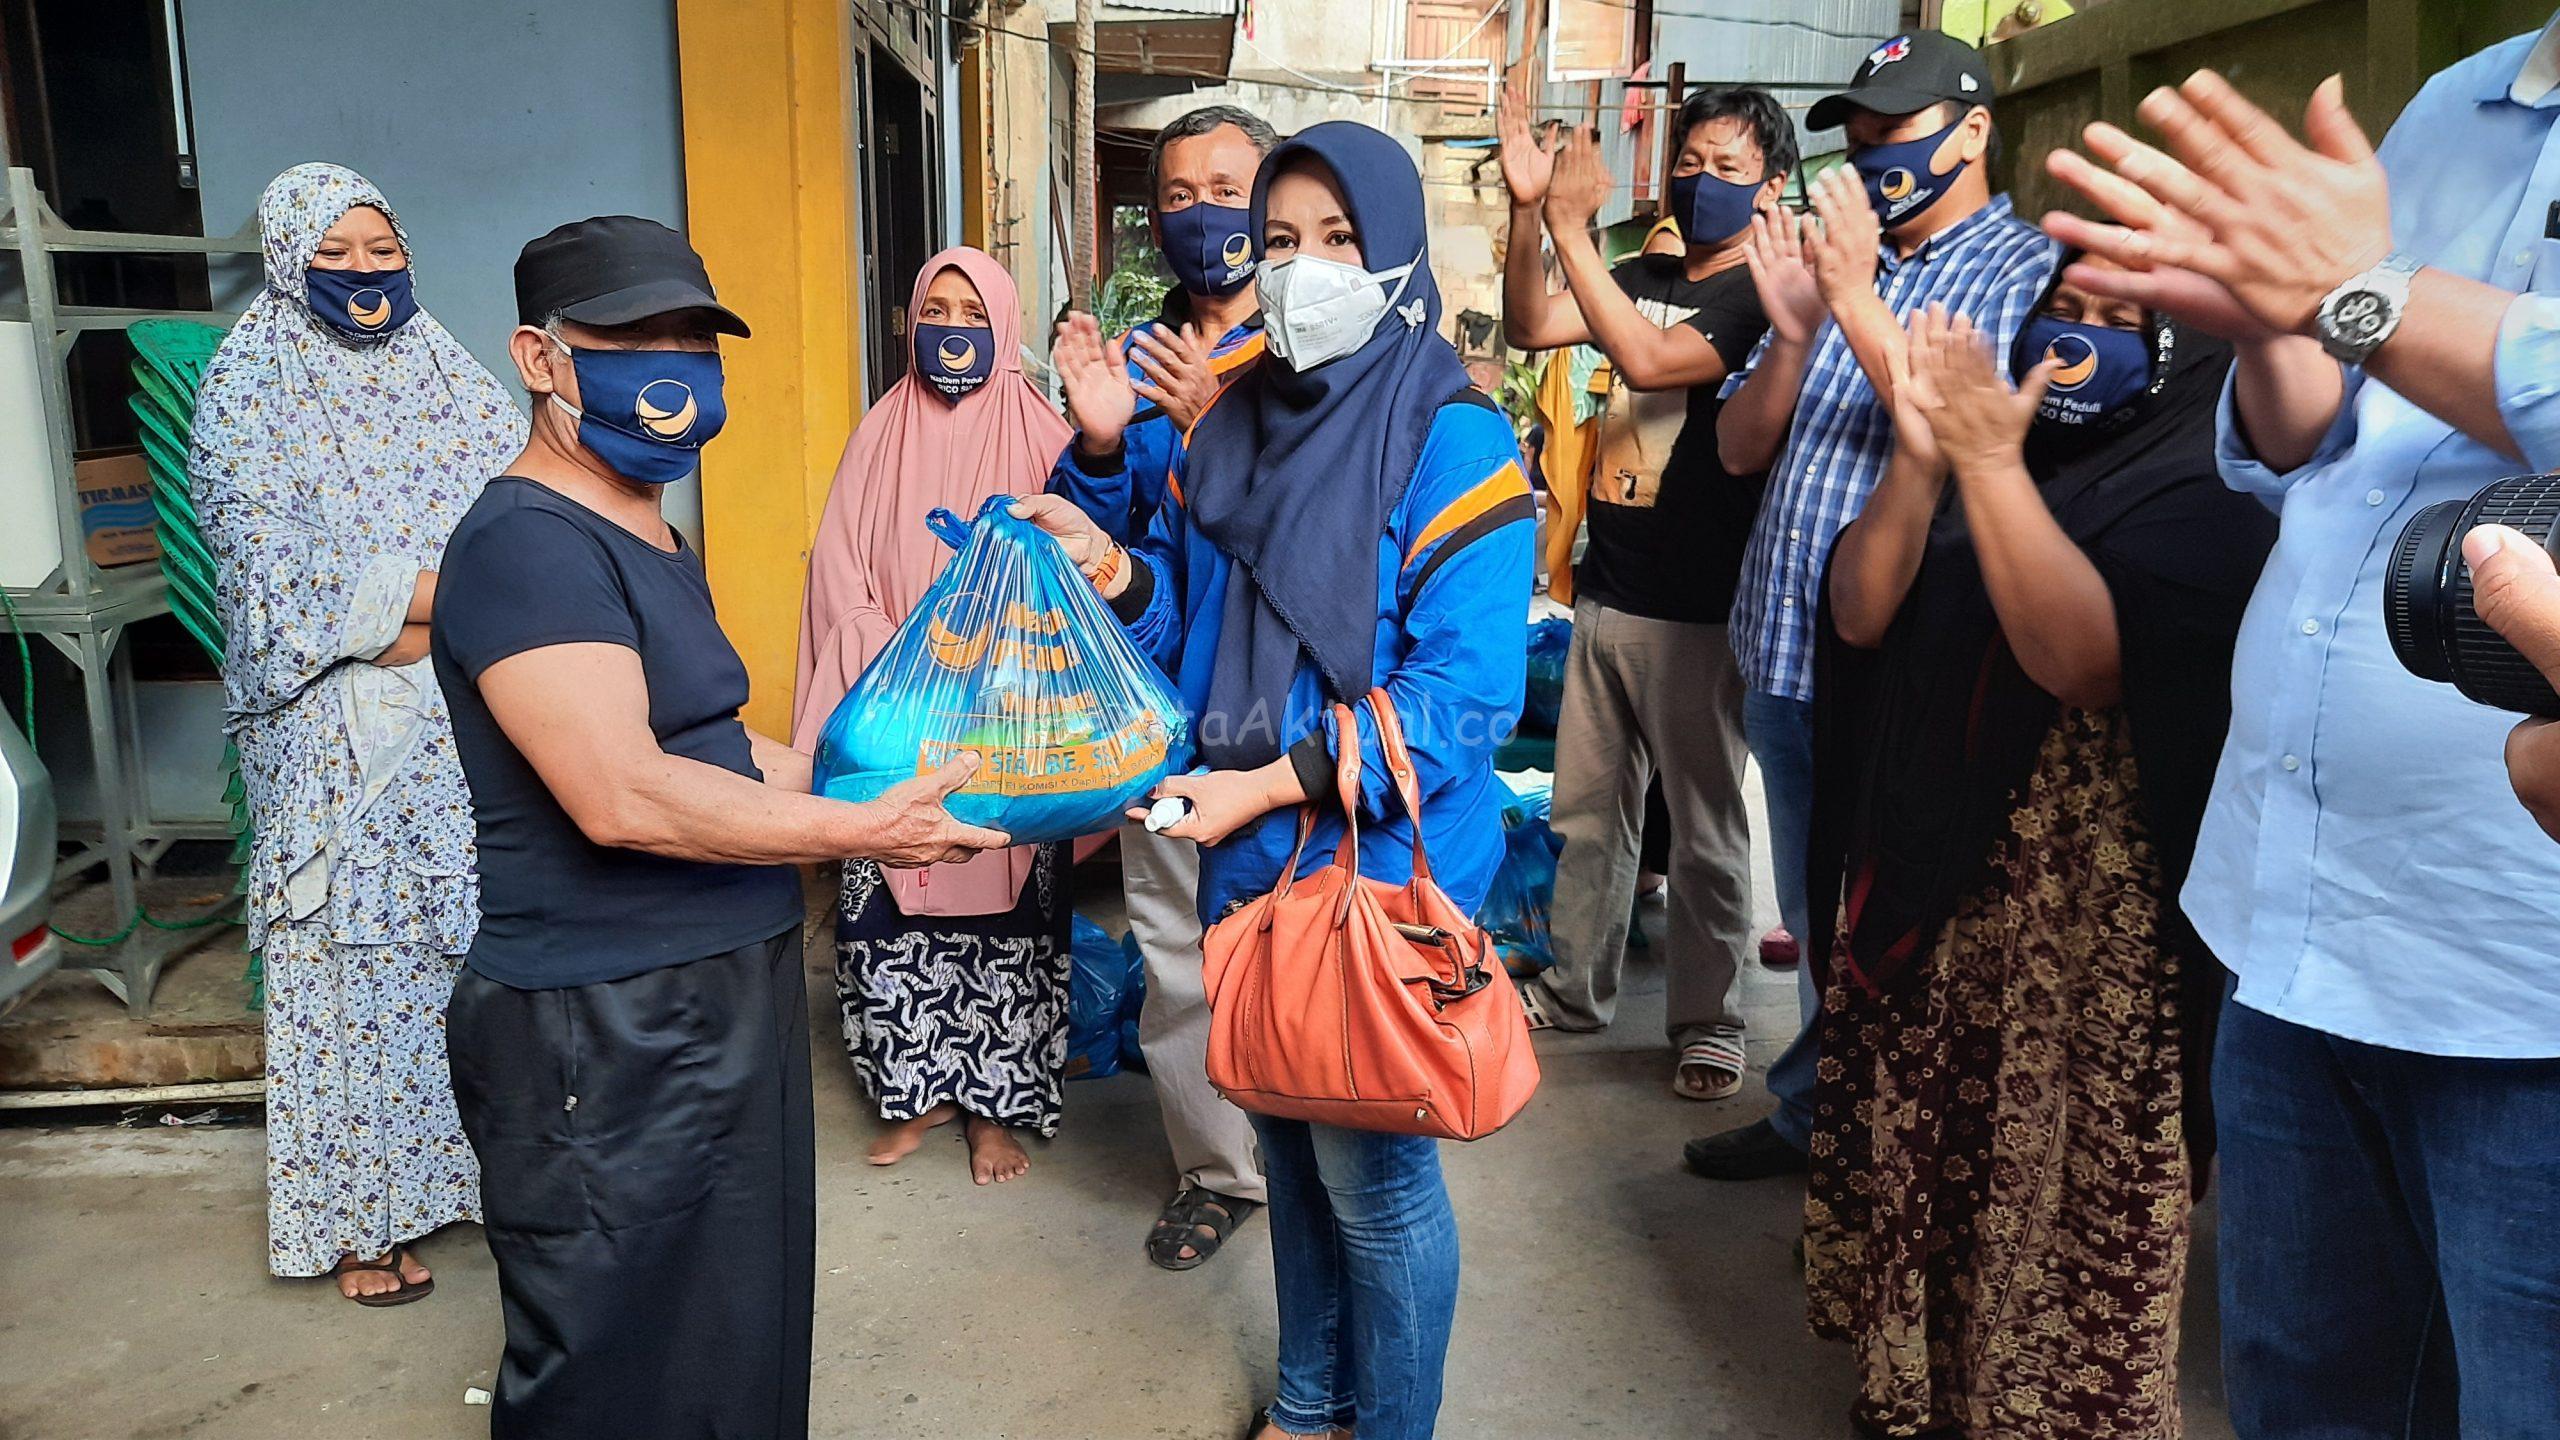 NasDem Peduli Dan Sahabat Rico Sia Salurkan 500 Paket Bama Untuk Warga Pasar Baru Kota Sorong 1 20200515 170546 scaled